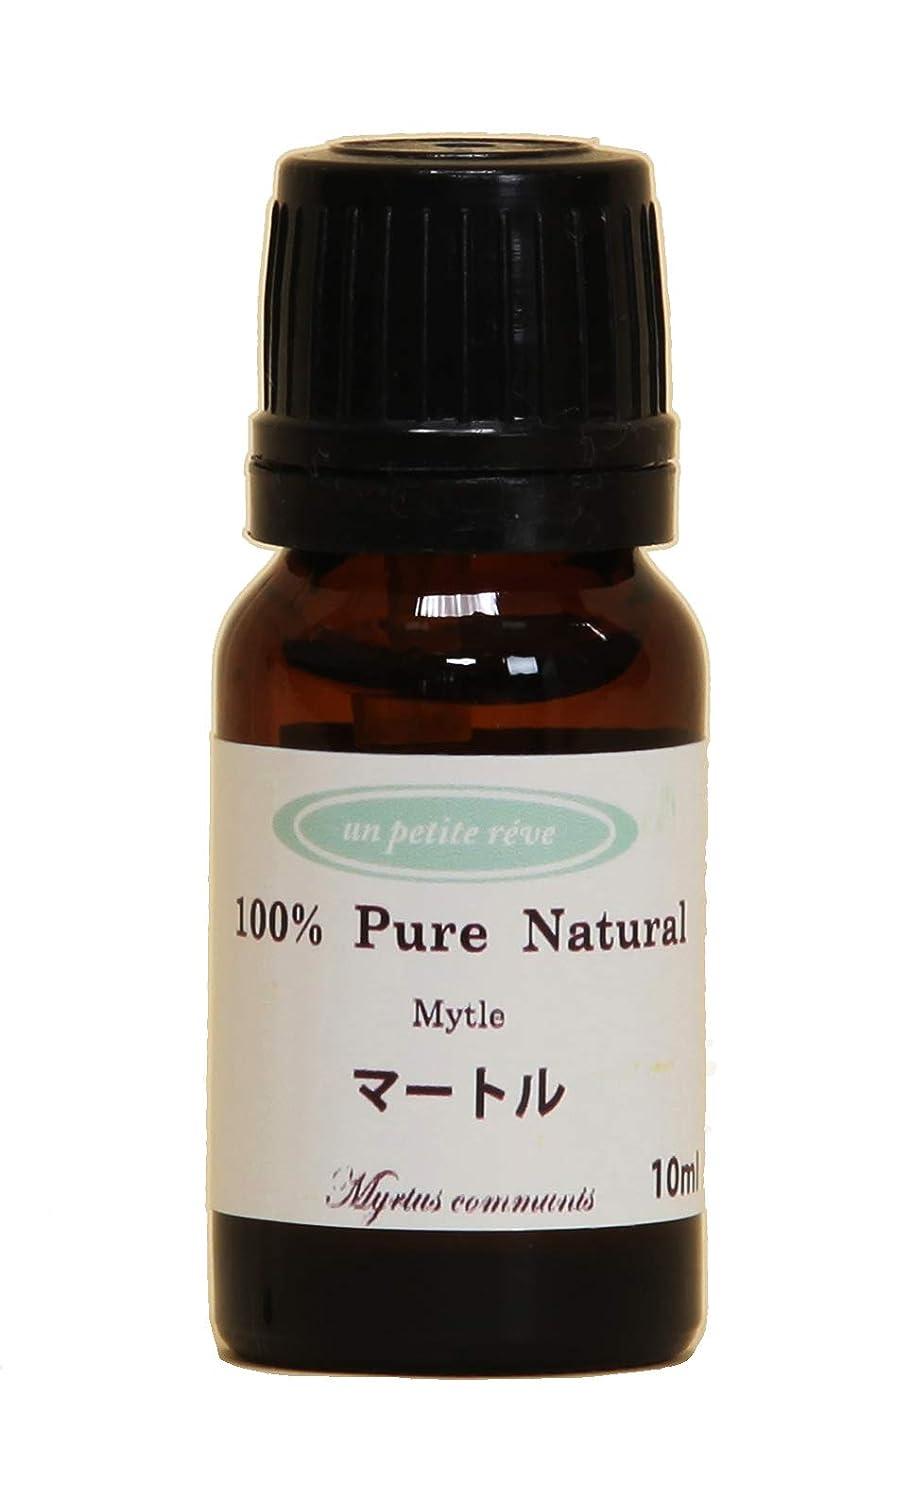 前文ファイアル定規マートル10ml 100%天然アロマエッセンシャルオイル(精油)